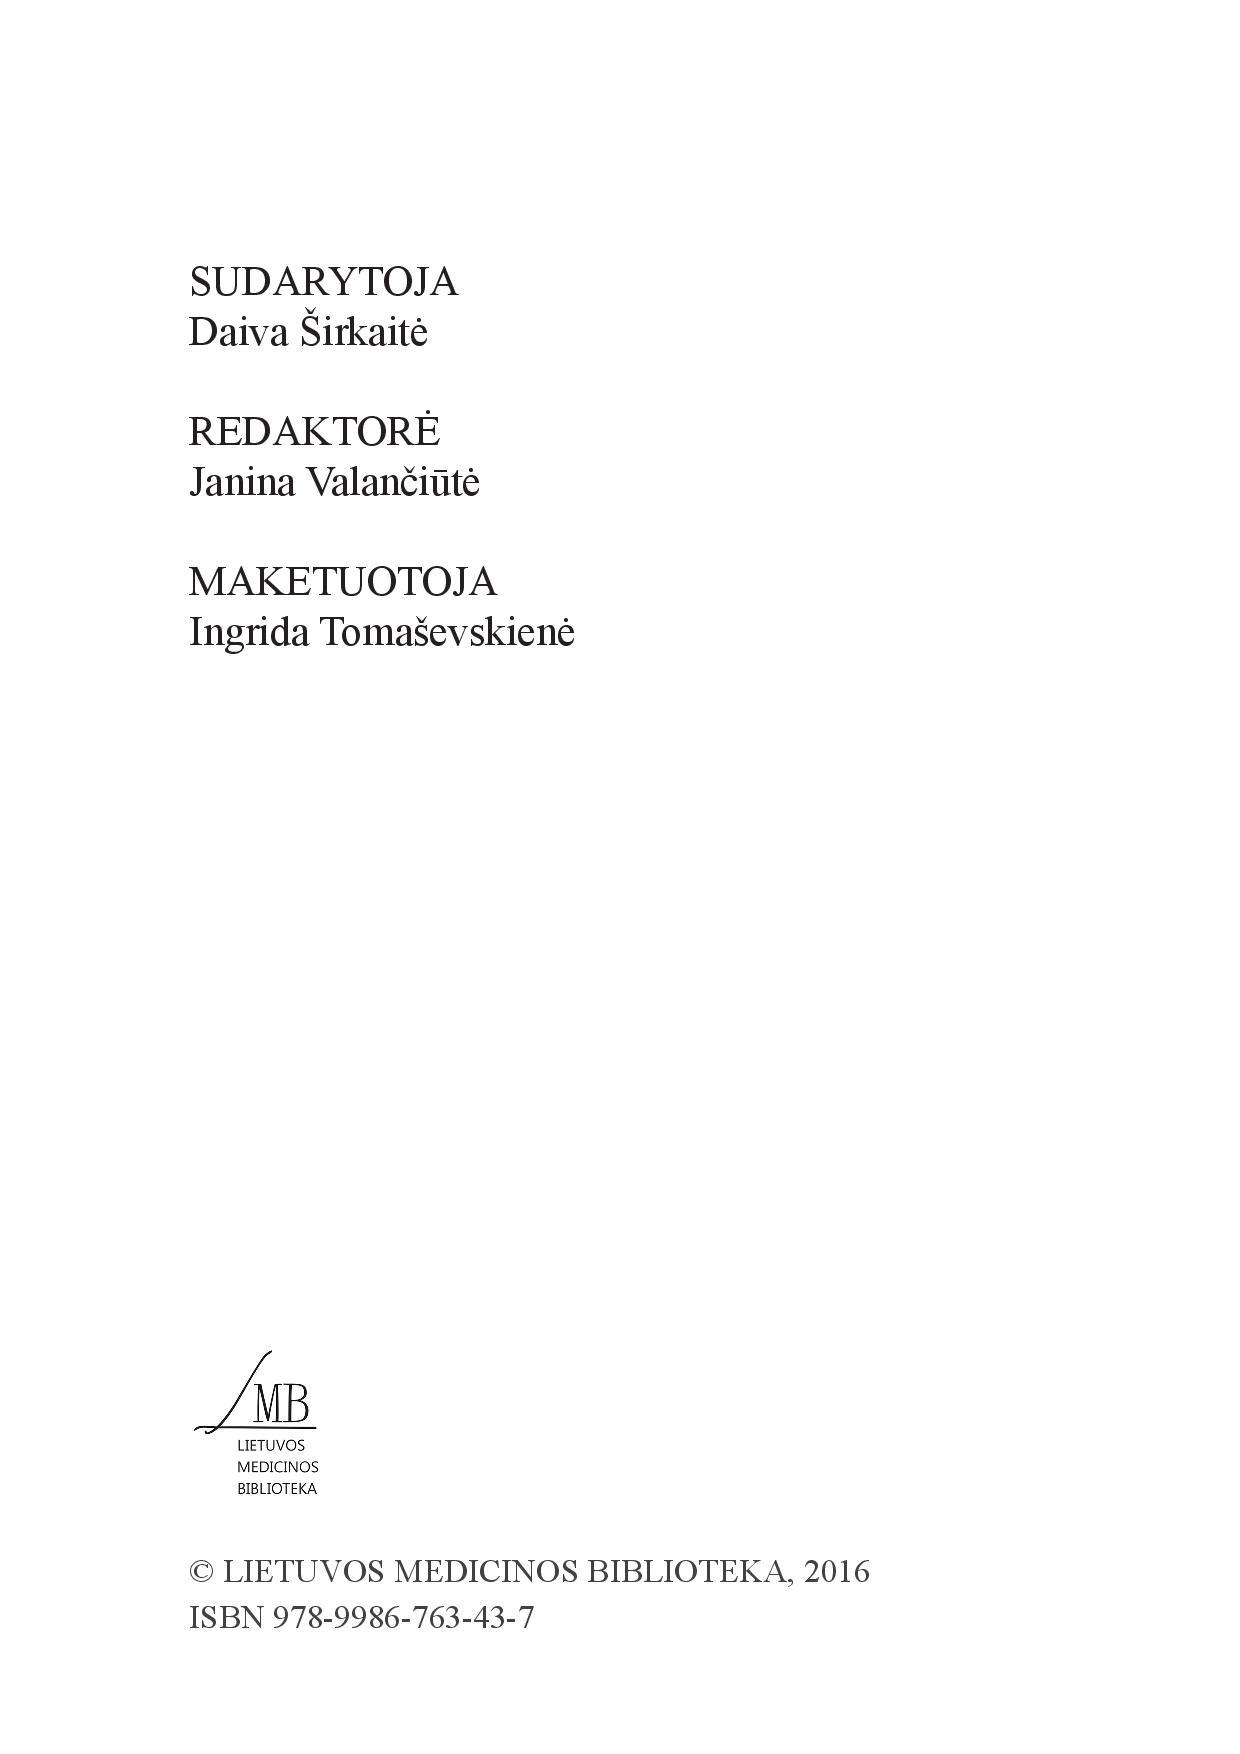 Knygos pagal receptą -page-004